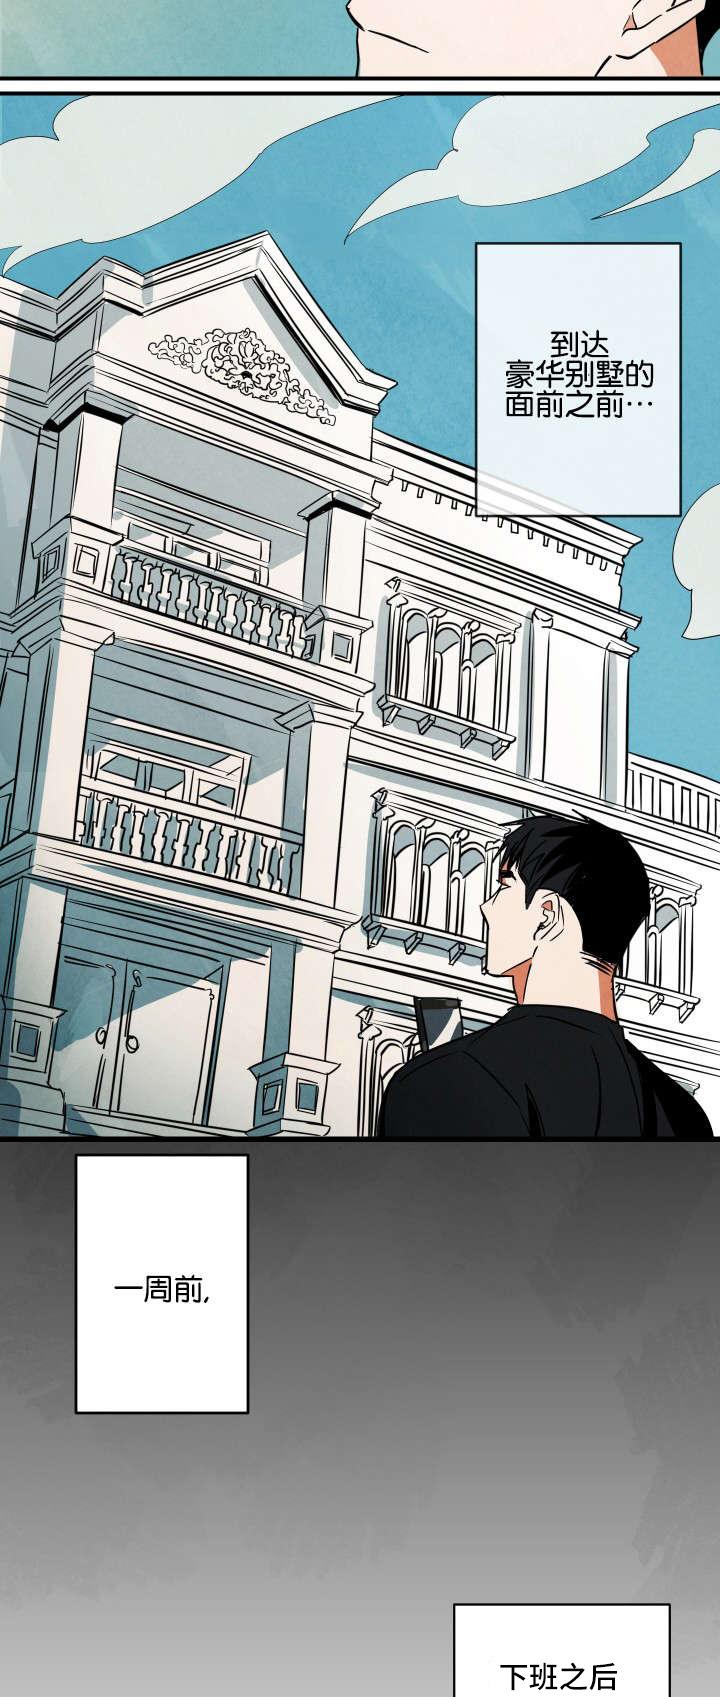 特殊拍摄-漫画已上线&全集免费在线阅读_已完结-啵乐漫画